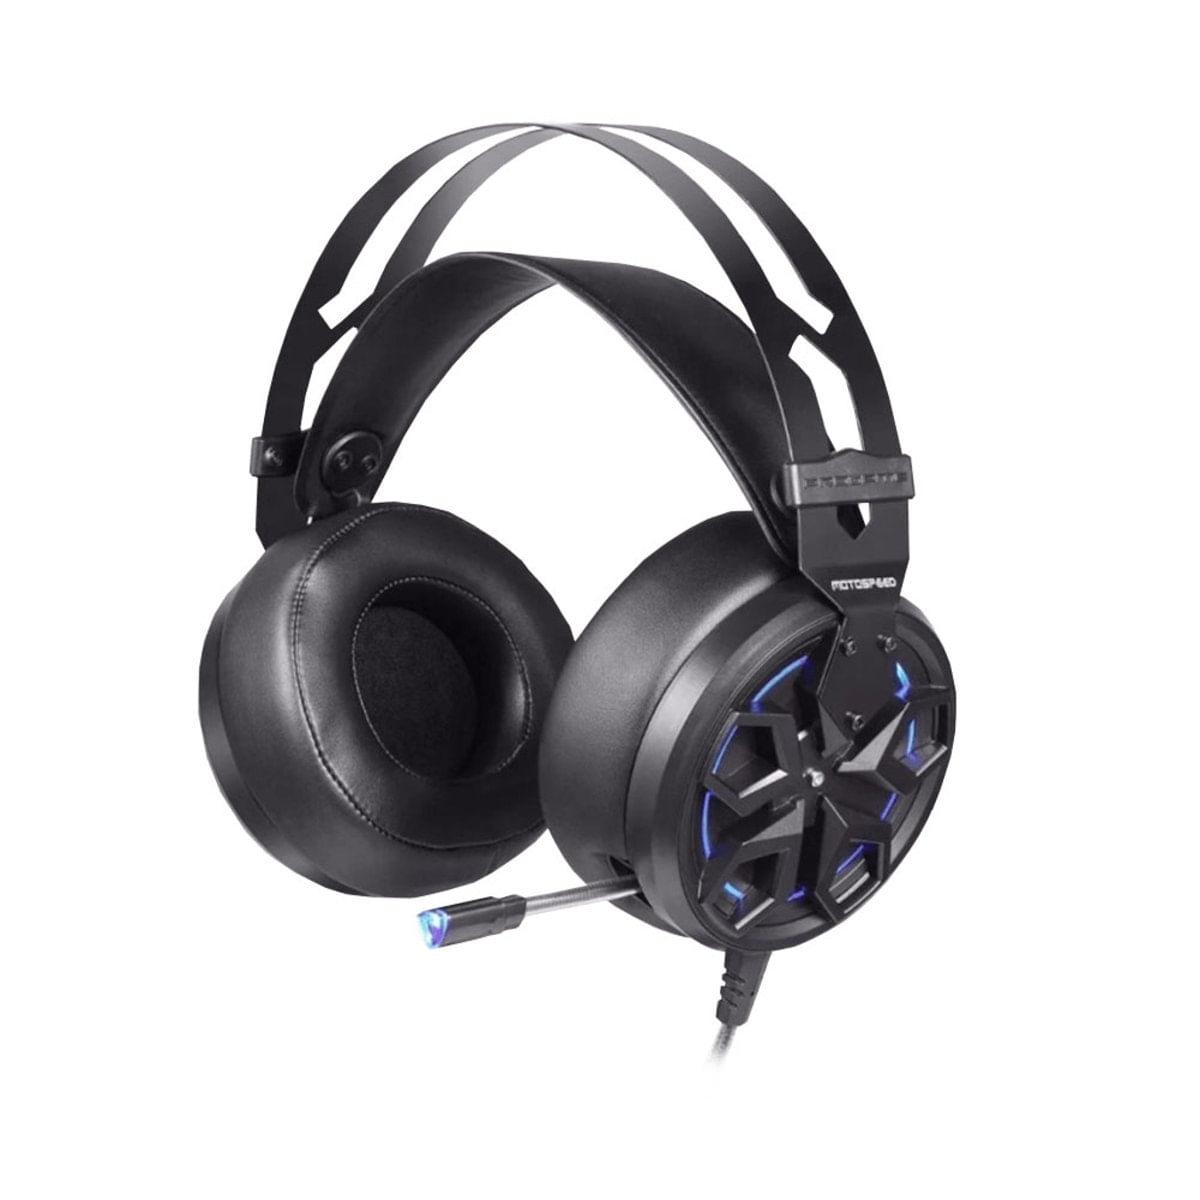 Fone de Ouvido Black Usb Dolby Digital Surround 7.1 Motospeed H60